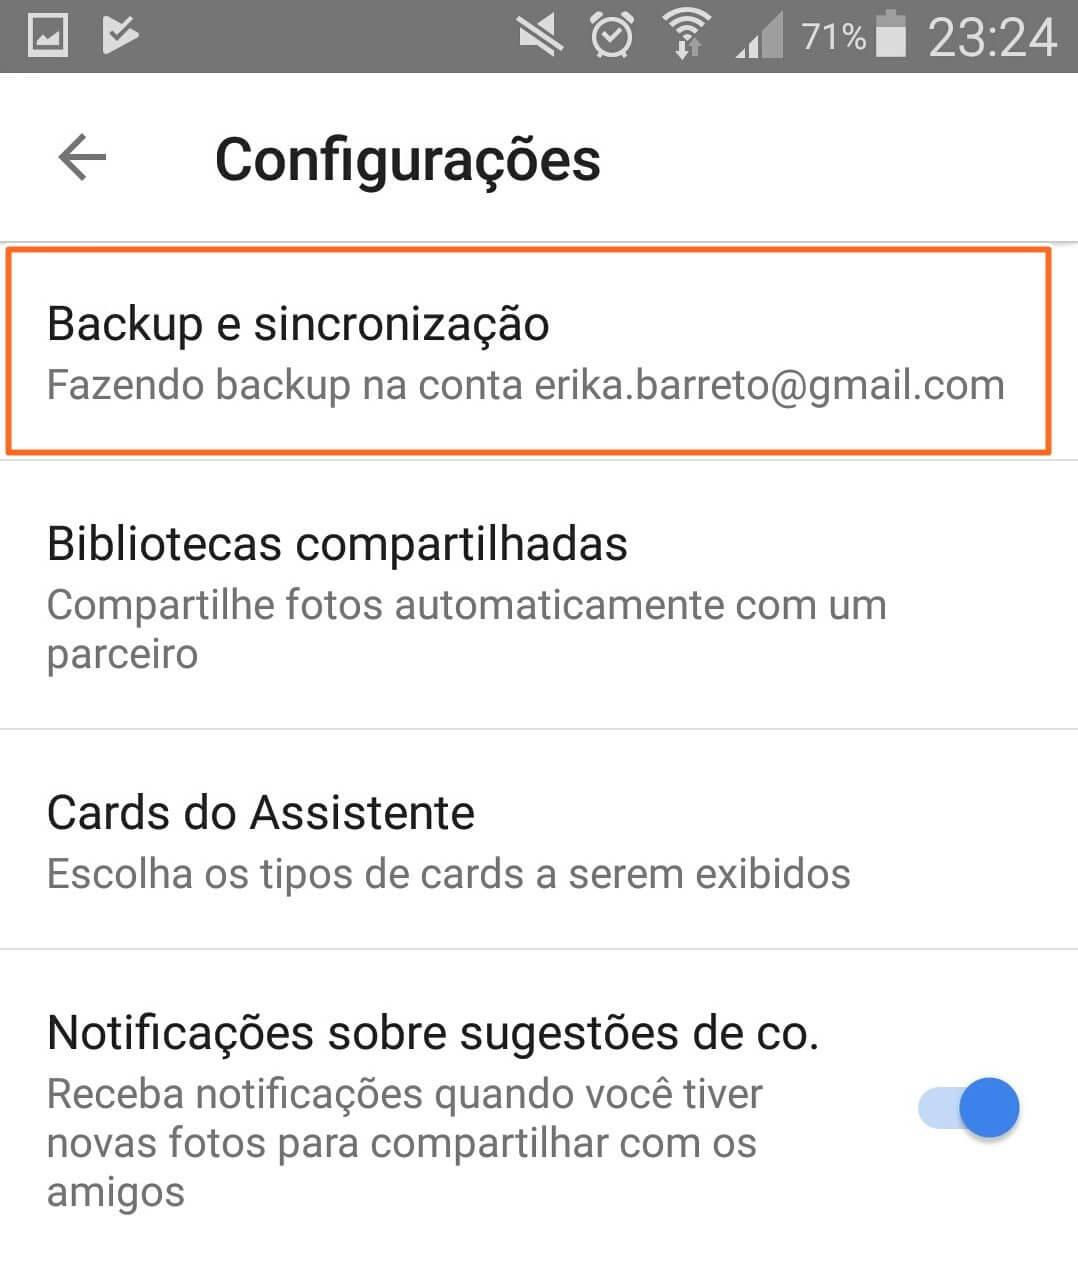 Tutorial: impedindo que o google+ auto backup salve fotos do whatsapp. Após a ativação, a ferramenta google+ fotos auto backup passa a salvar na nuvem todas as fotos do aparelho, incluindo pastas do whatsapp. O resultado é uma bagunça generalizada. Saiba como resolver, neste post.